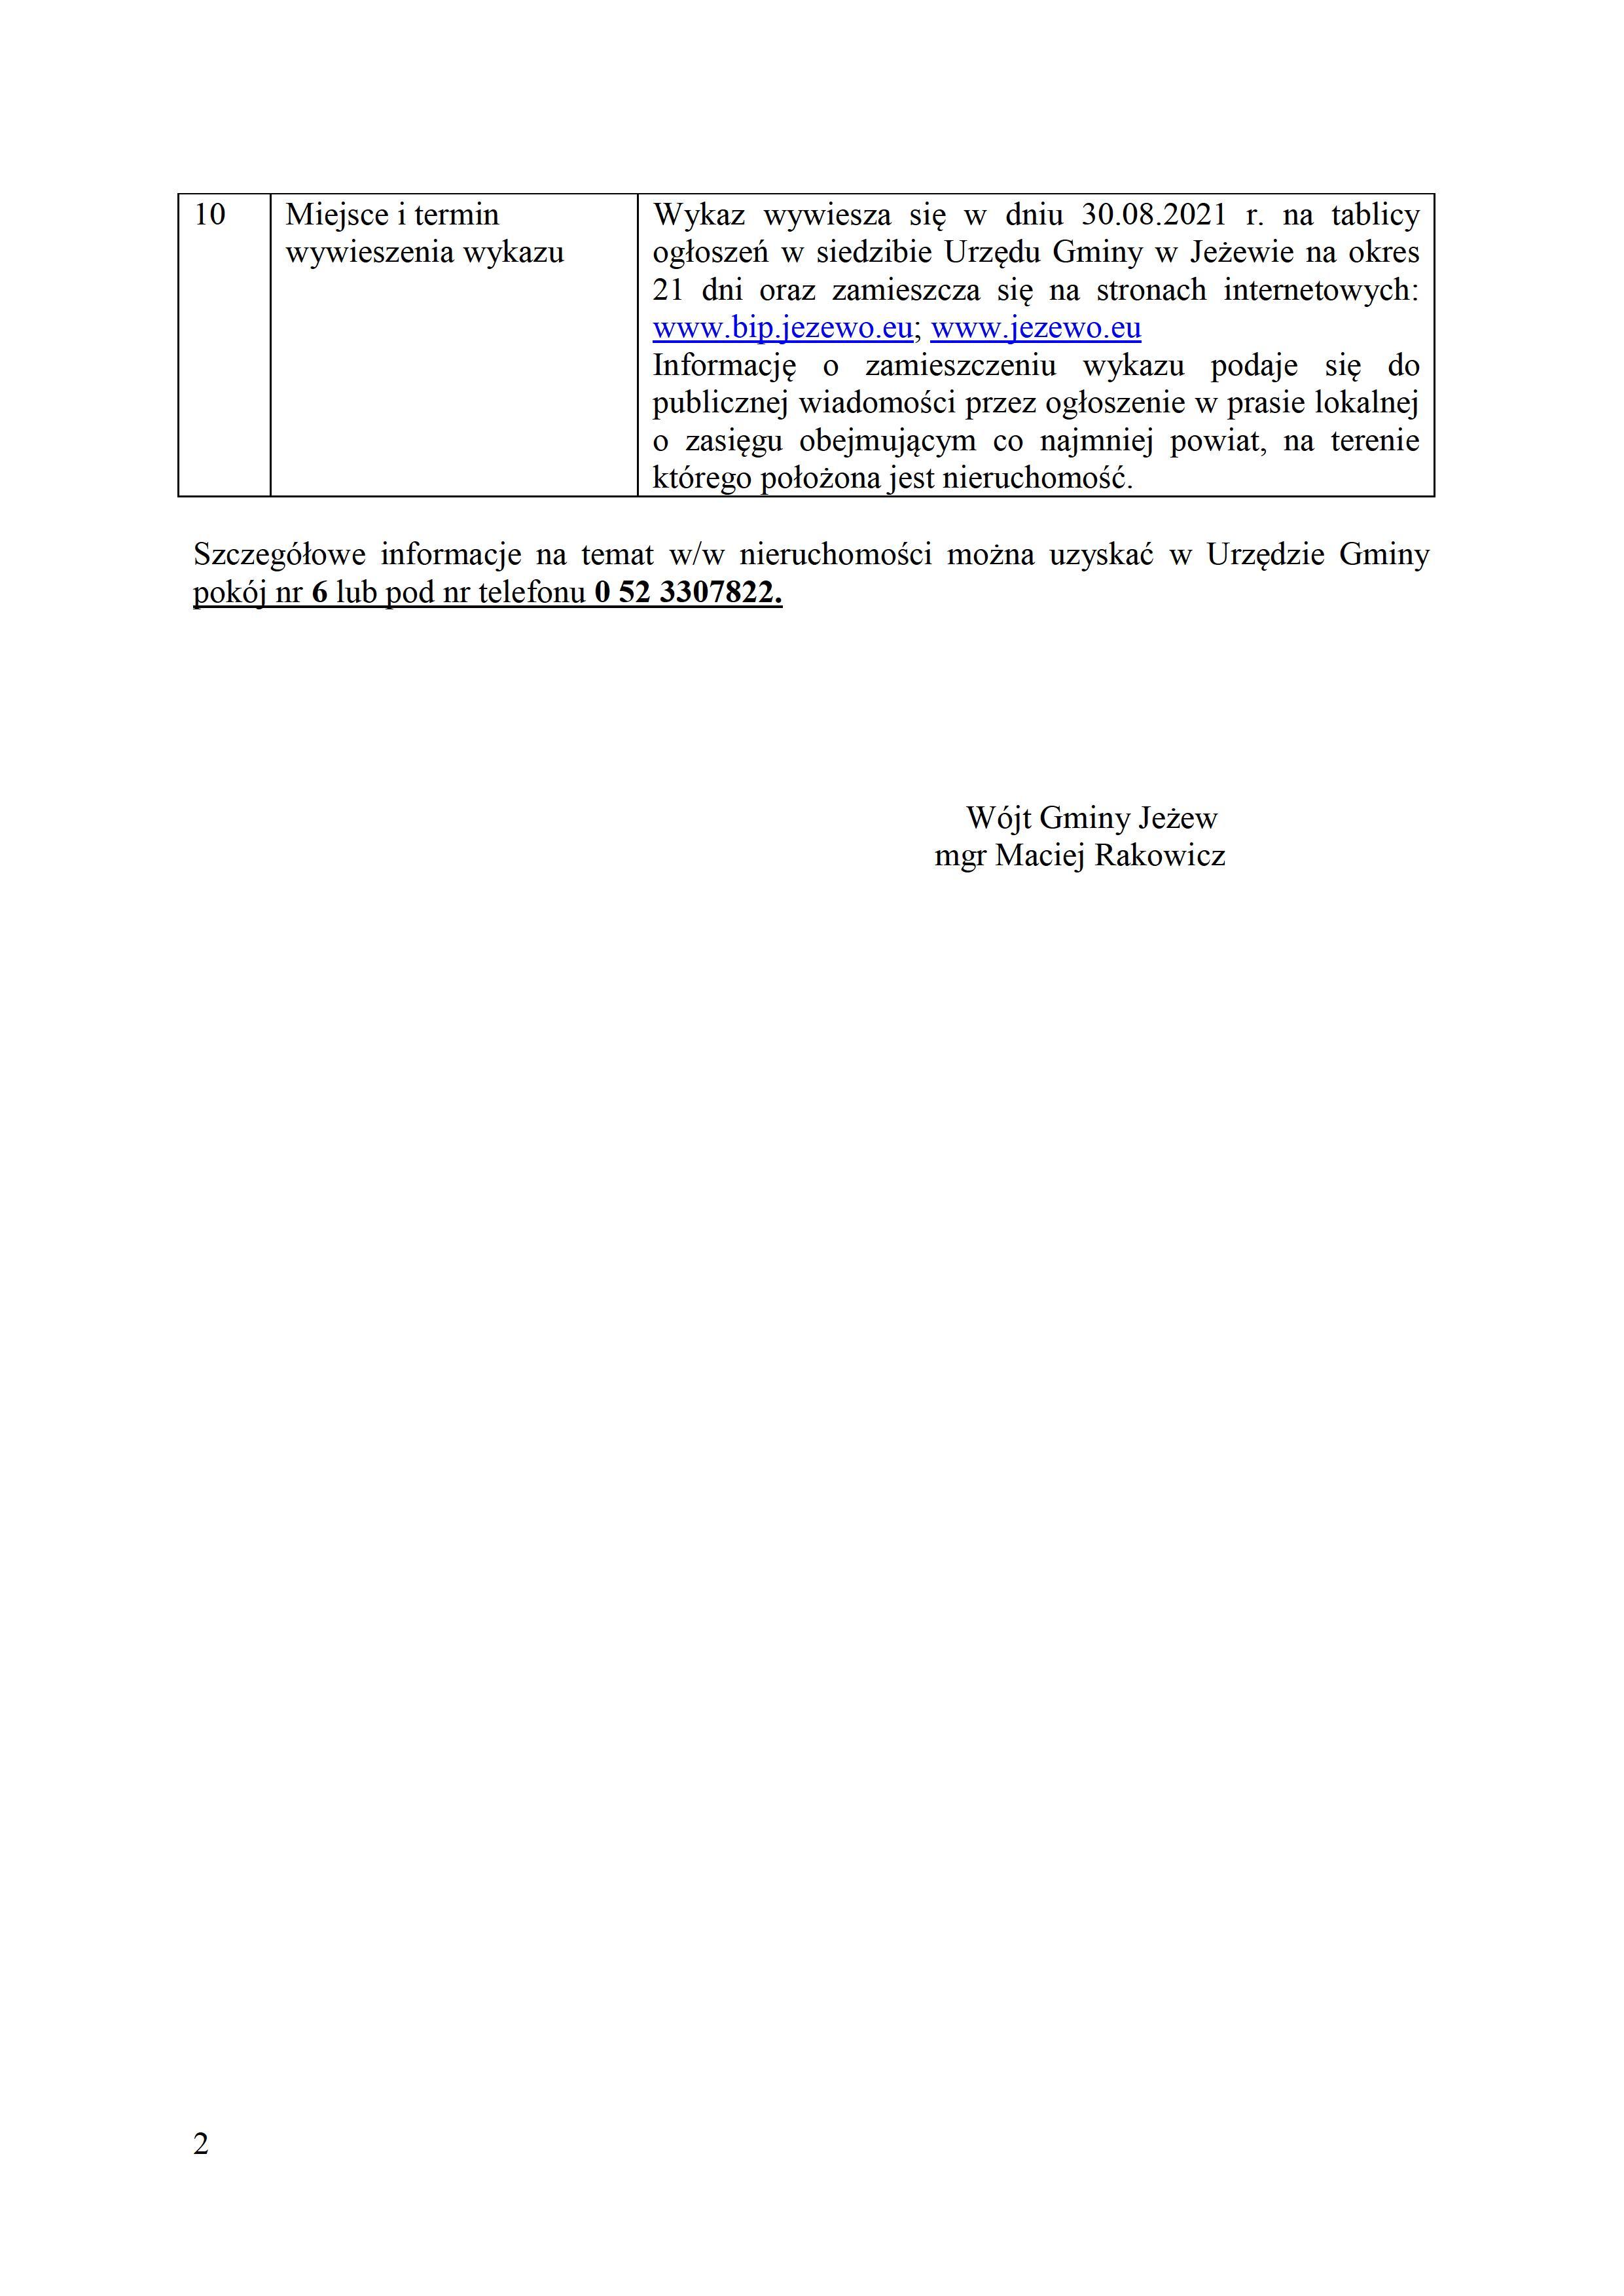 Działając na podstawie art. 35 ust. 1i 2 ustawy o gospodarce nieruchomościami (j.t. Dz.U.2020.1990 ze zm.) Wójt Gminy Jeżewo podaje do publicznej wiadomości, że zamierza sprzedać w drodze bezprzetargowej na poprawę warunków zagospodarowania nieruchomości przyległej następującą działkę nr 59/2, obręb Lipienki.